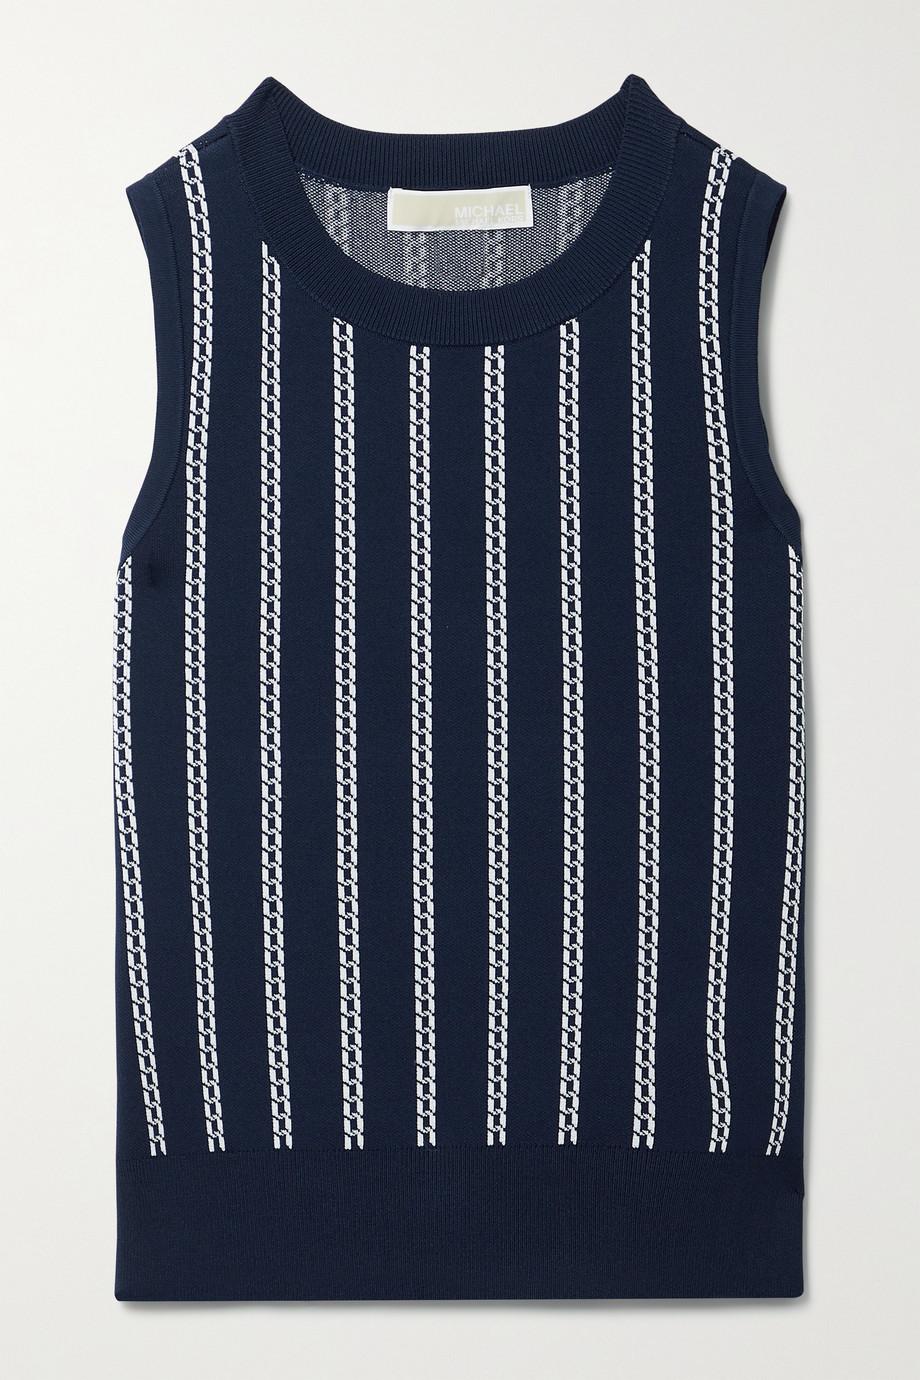 MICHAEL Michael Kors Jacquard-knit tank